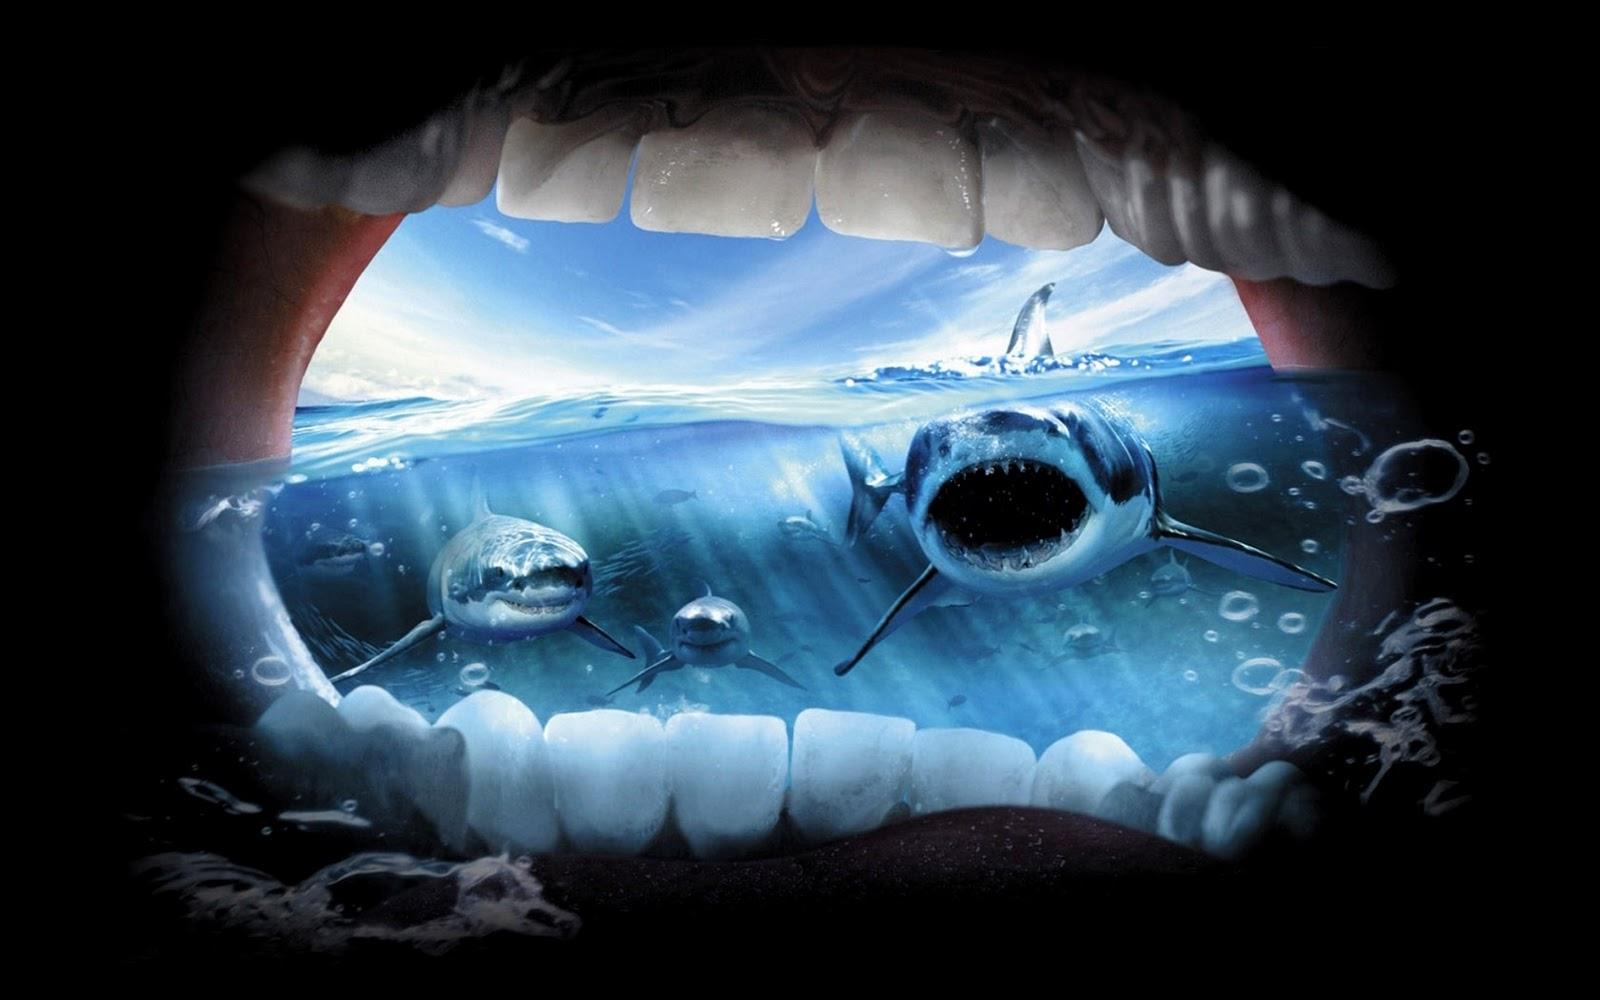 крик, зубы, акула, фото, обои для рабочего стола